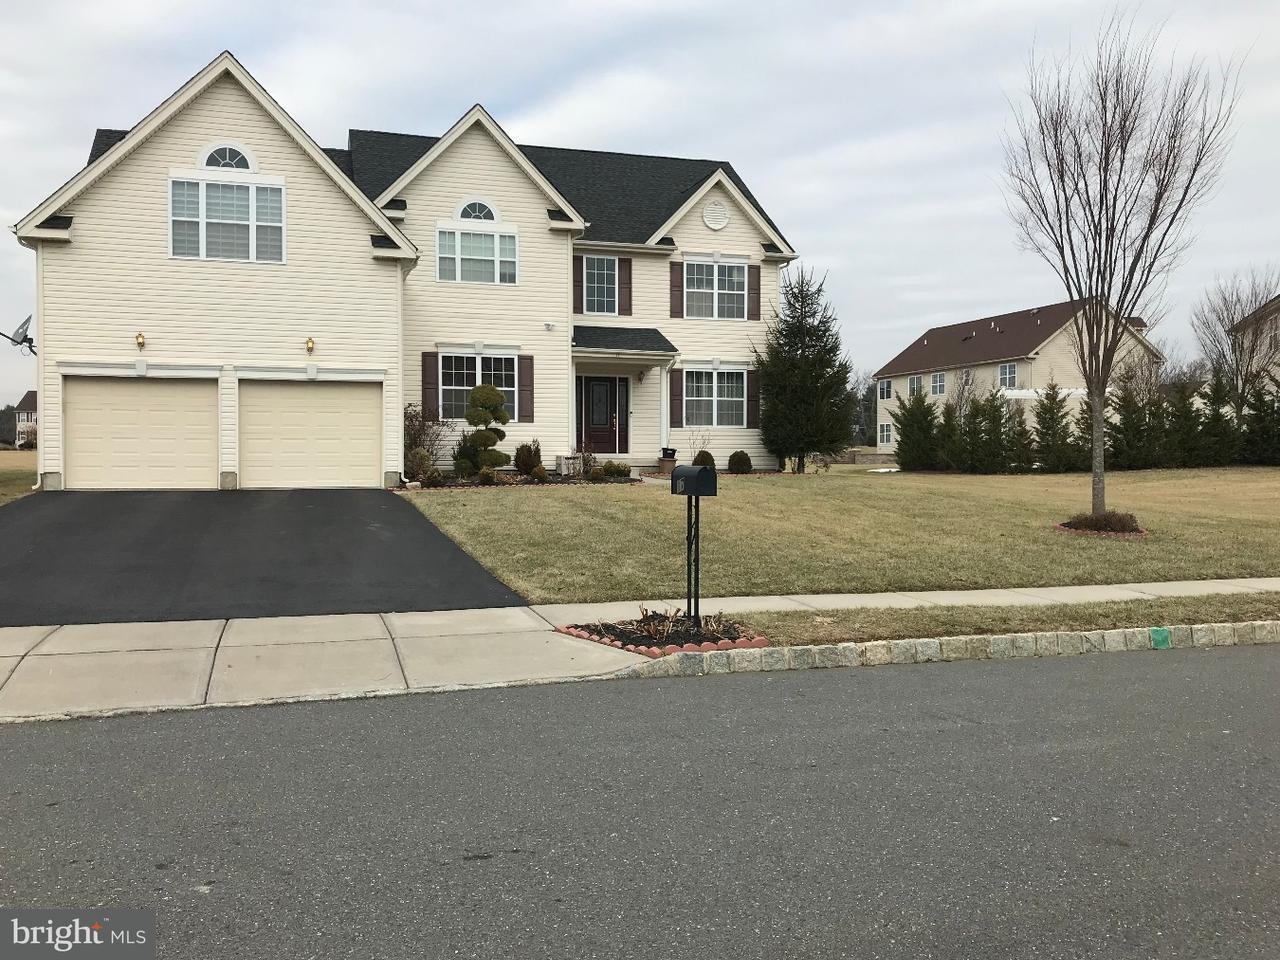 独户住宅 为 出租 在 17 RAPHAEL Drive South Brunswick Township, 新泽西州 08852 美国在/周边: South Brunswick Township